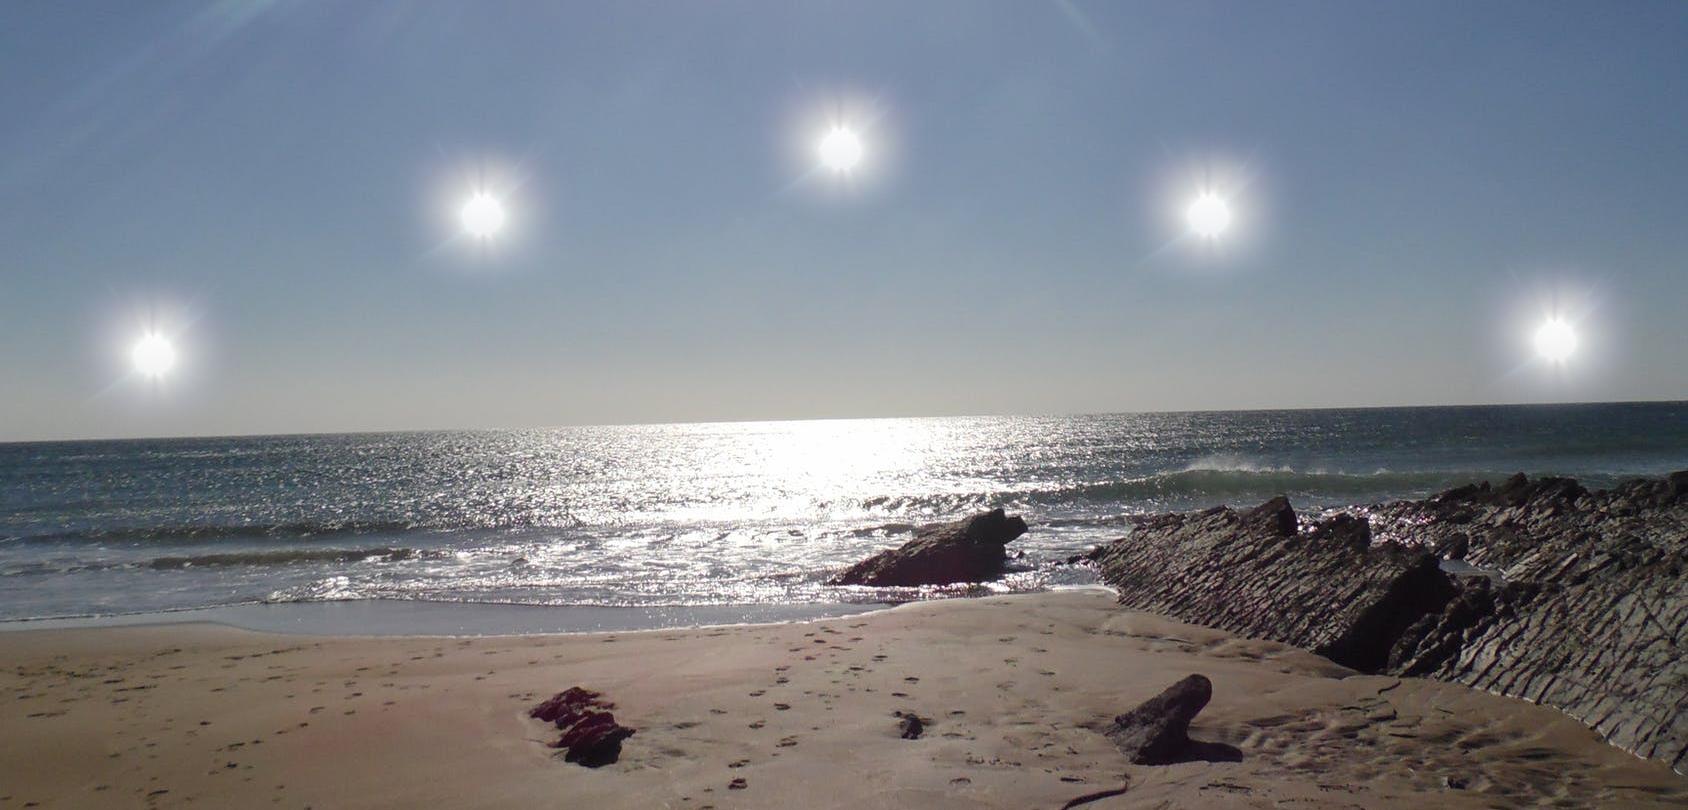 В день летнего солнцестояния Солнце поднимается на наибольшую высоту над горизонтом.